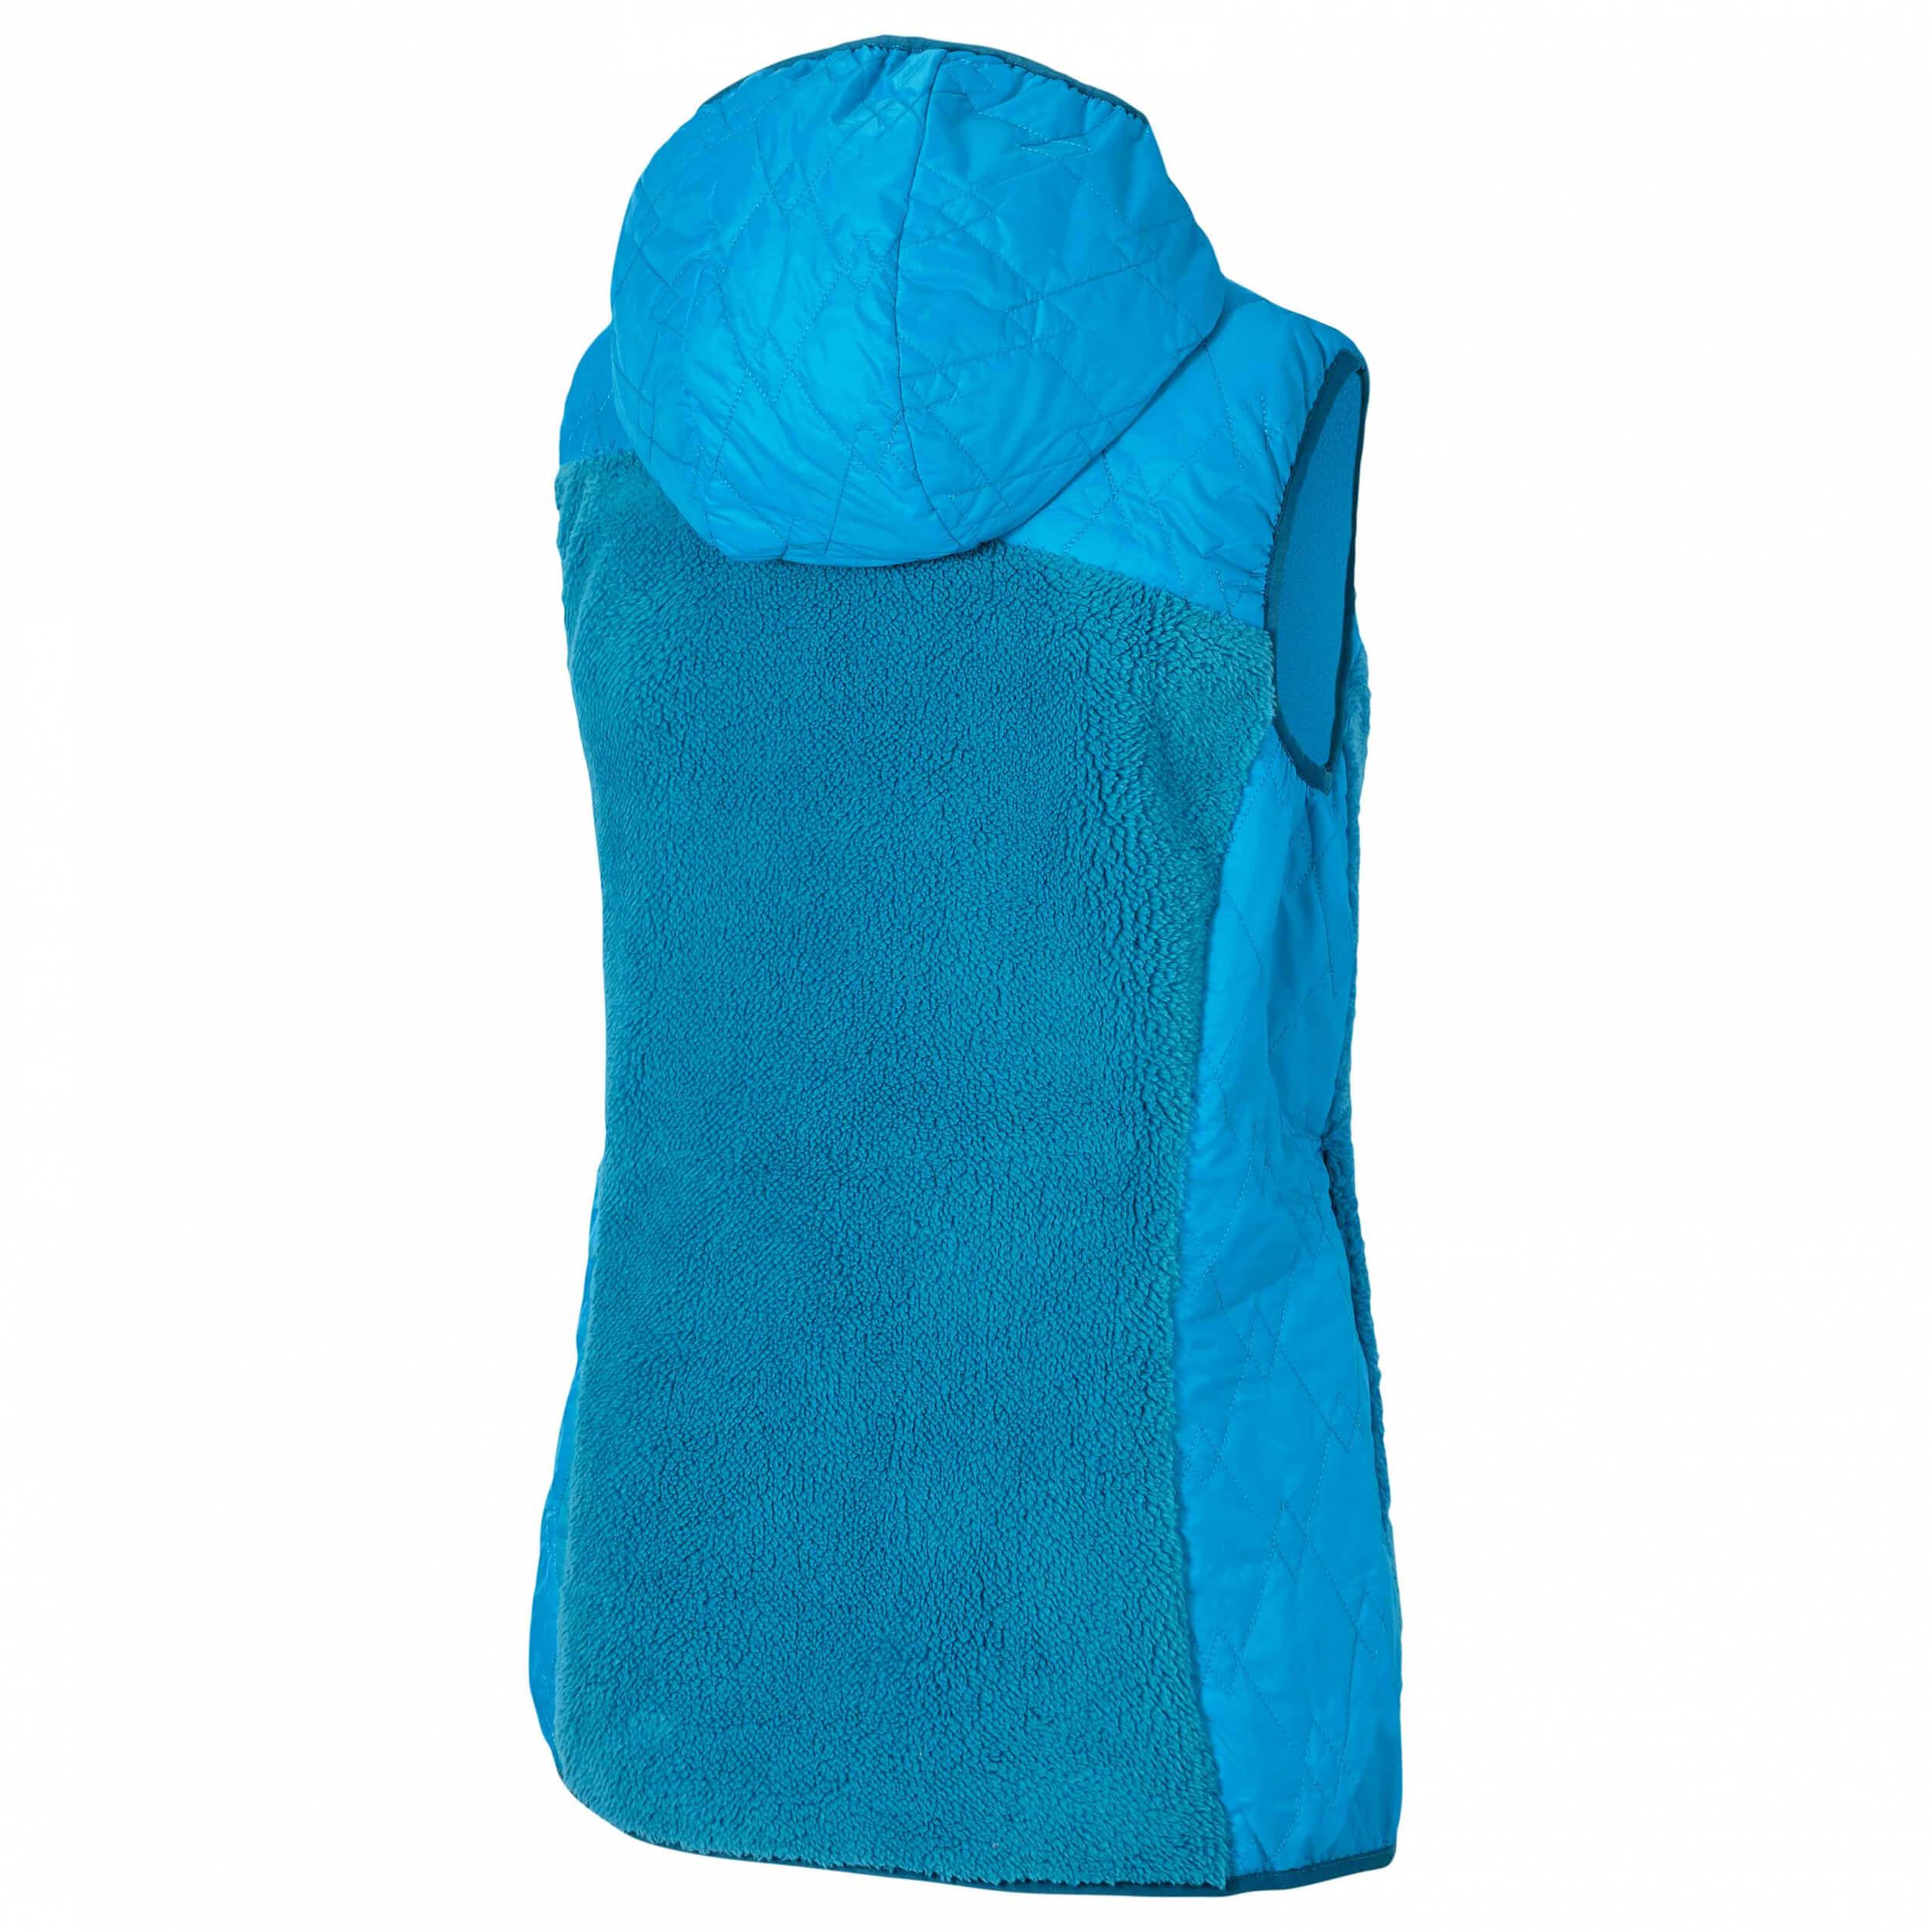 ZIENER Damen Teddy Fleece Weste Jarra blau 230